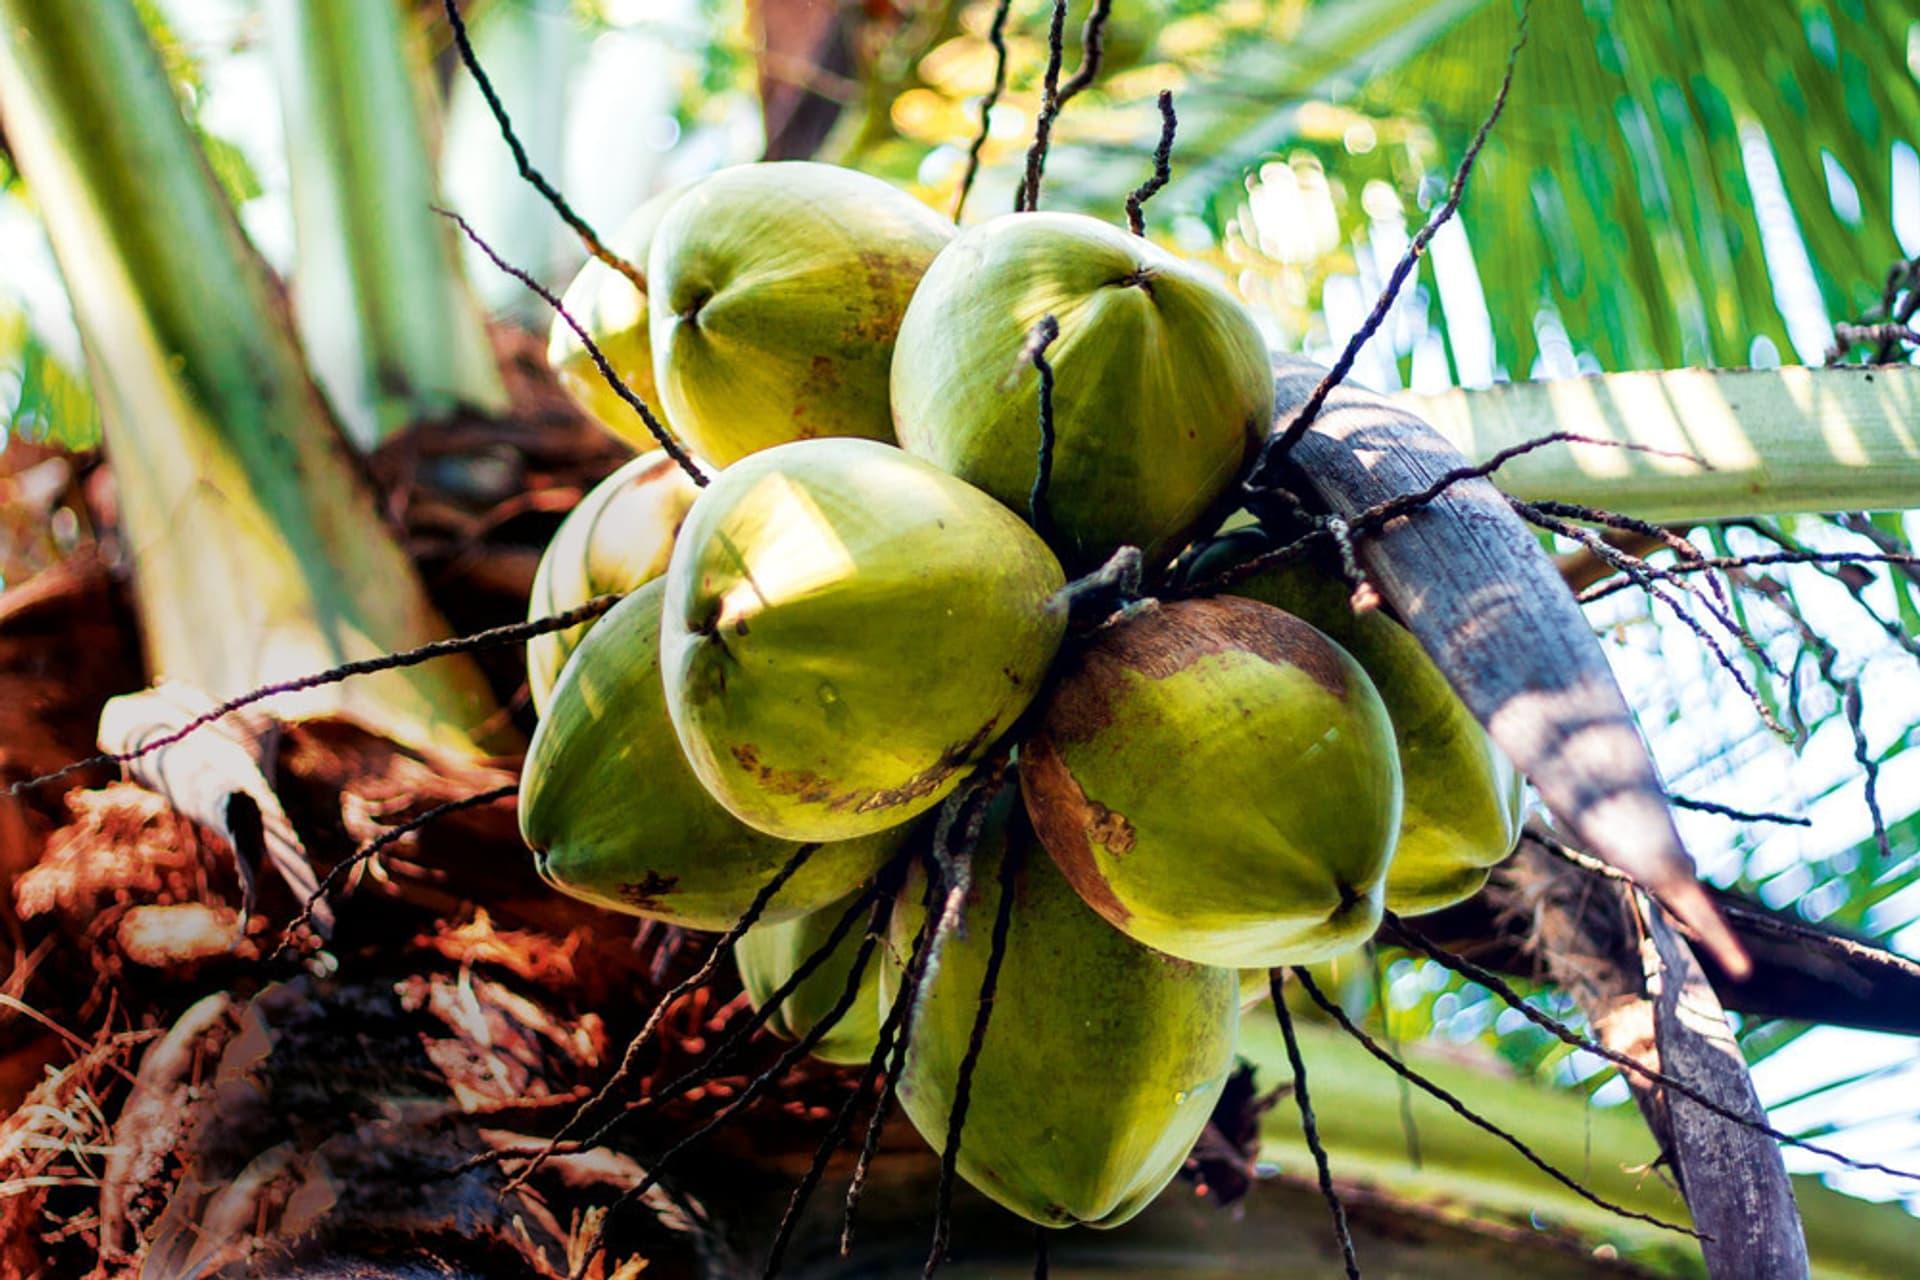 Grüne, unreife Kokosnüsse, die an einer Kokospalme hängen.